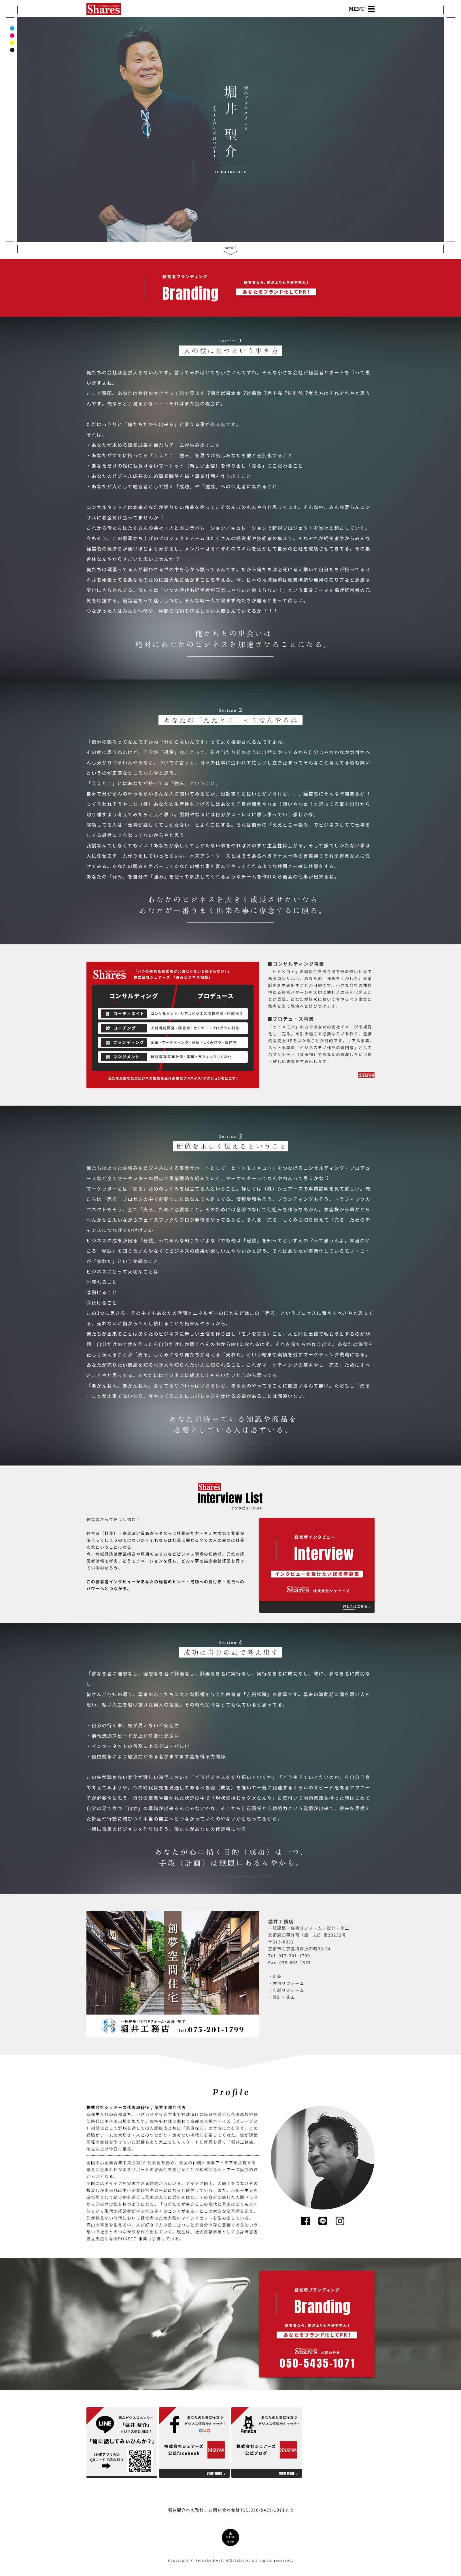 堀井 聖介 様 / オフィシャルサイト